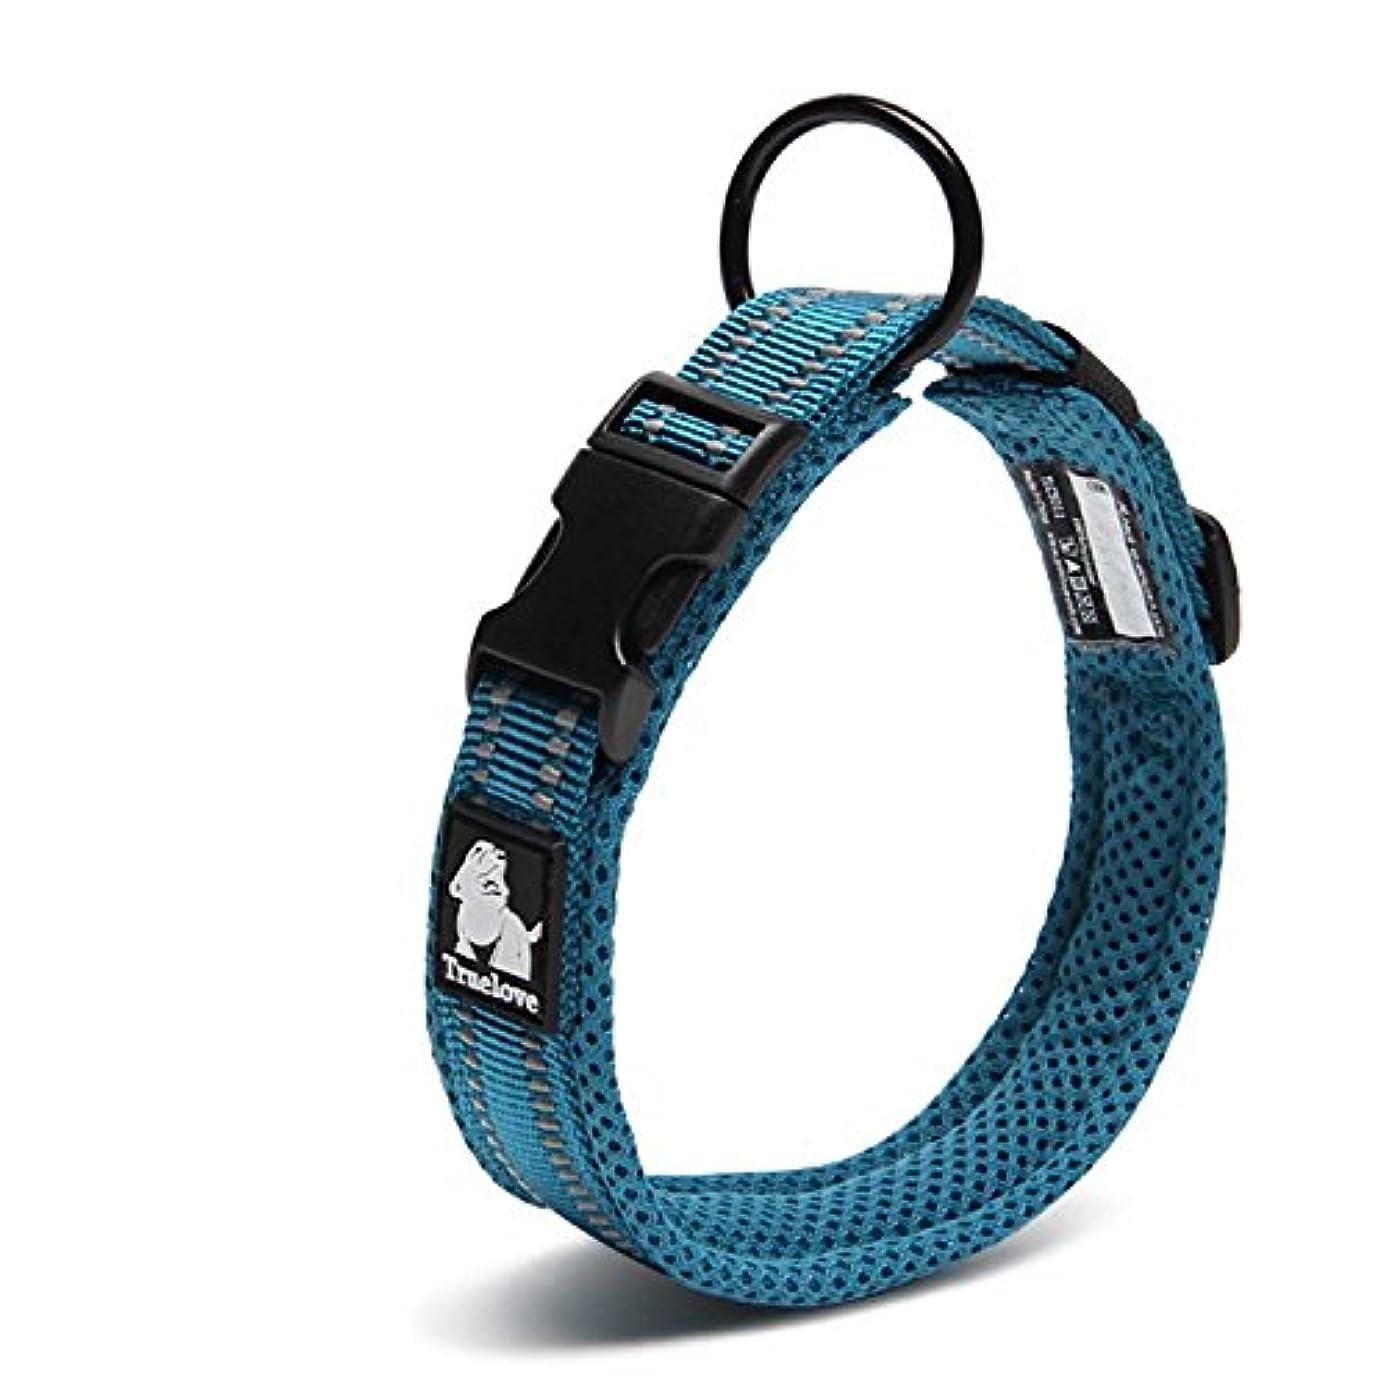 軽食シンポジウム襲撃cocomall 犬首輪 犬の首輪 犬用訓練首輪 小型、中型、大型犬用首輪 ペット用品  3M反射材料  ナイロン製  通気性  弾力性 ソフト 調節可能   ハーネス リード (XS, ロイヤルブルー)